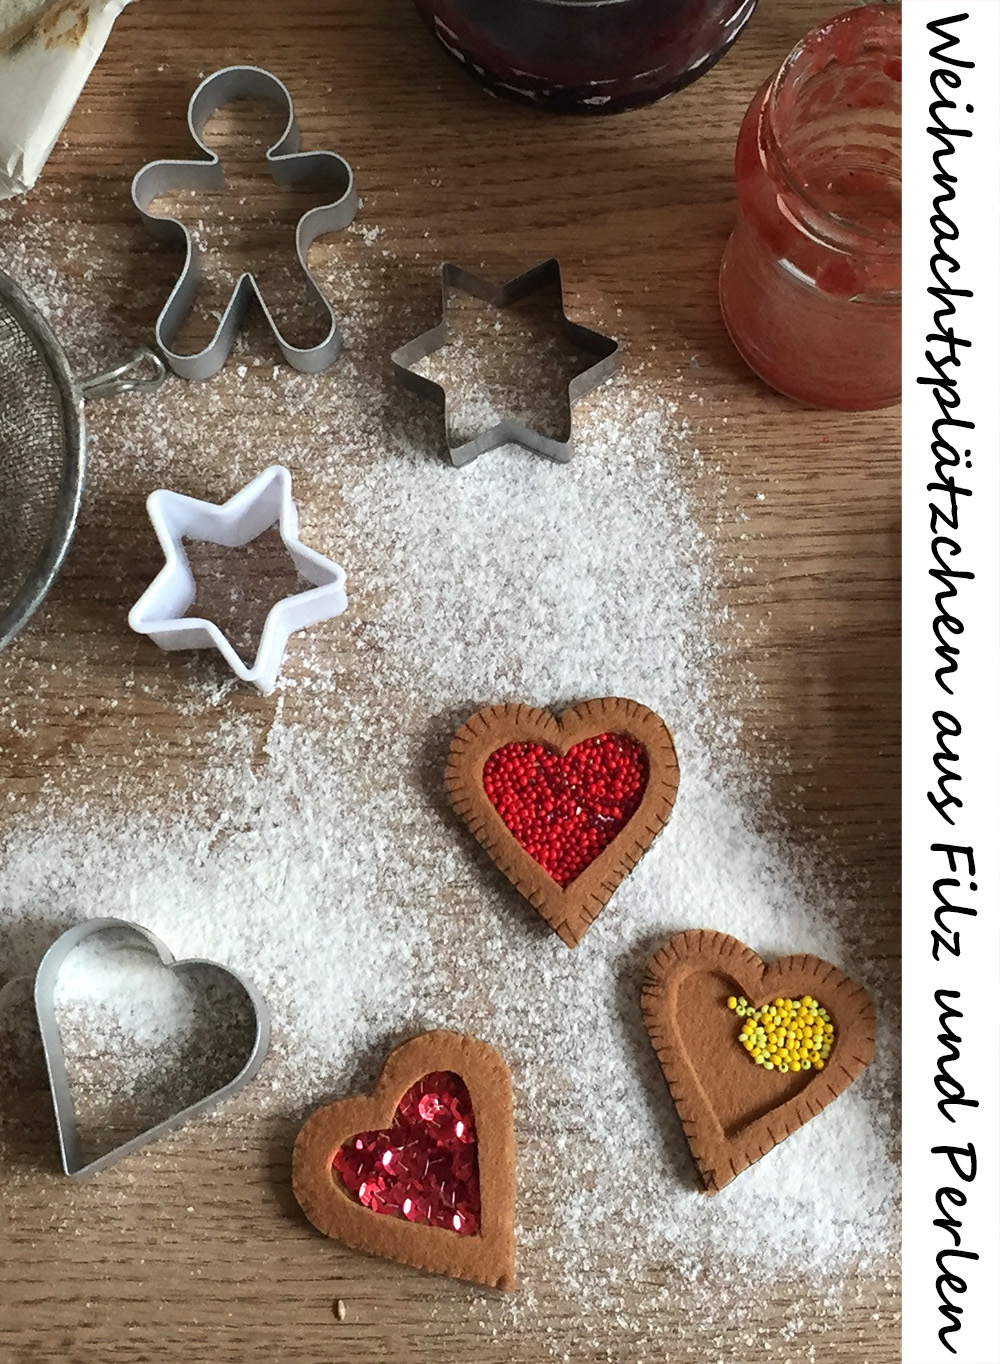 Kuchen für die Kinderküche aus Filz nähen, Kekse für die Kinderküche selber machen, einfache Weihnachtsplätzchen Filz Ornament Vorlage, Weihnachtsplätzchen nähen,